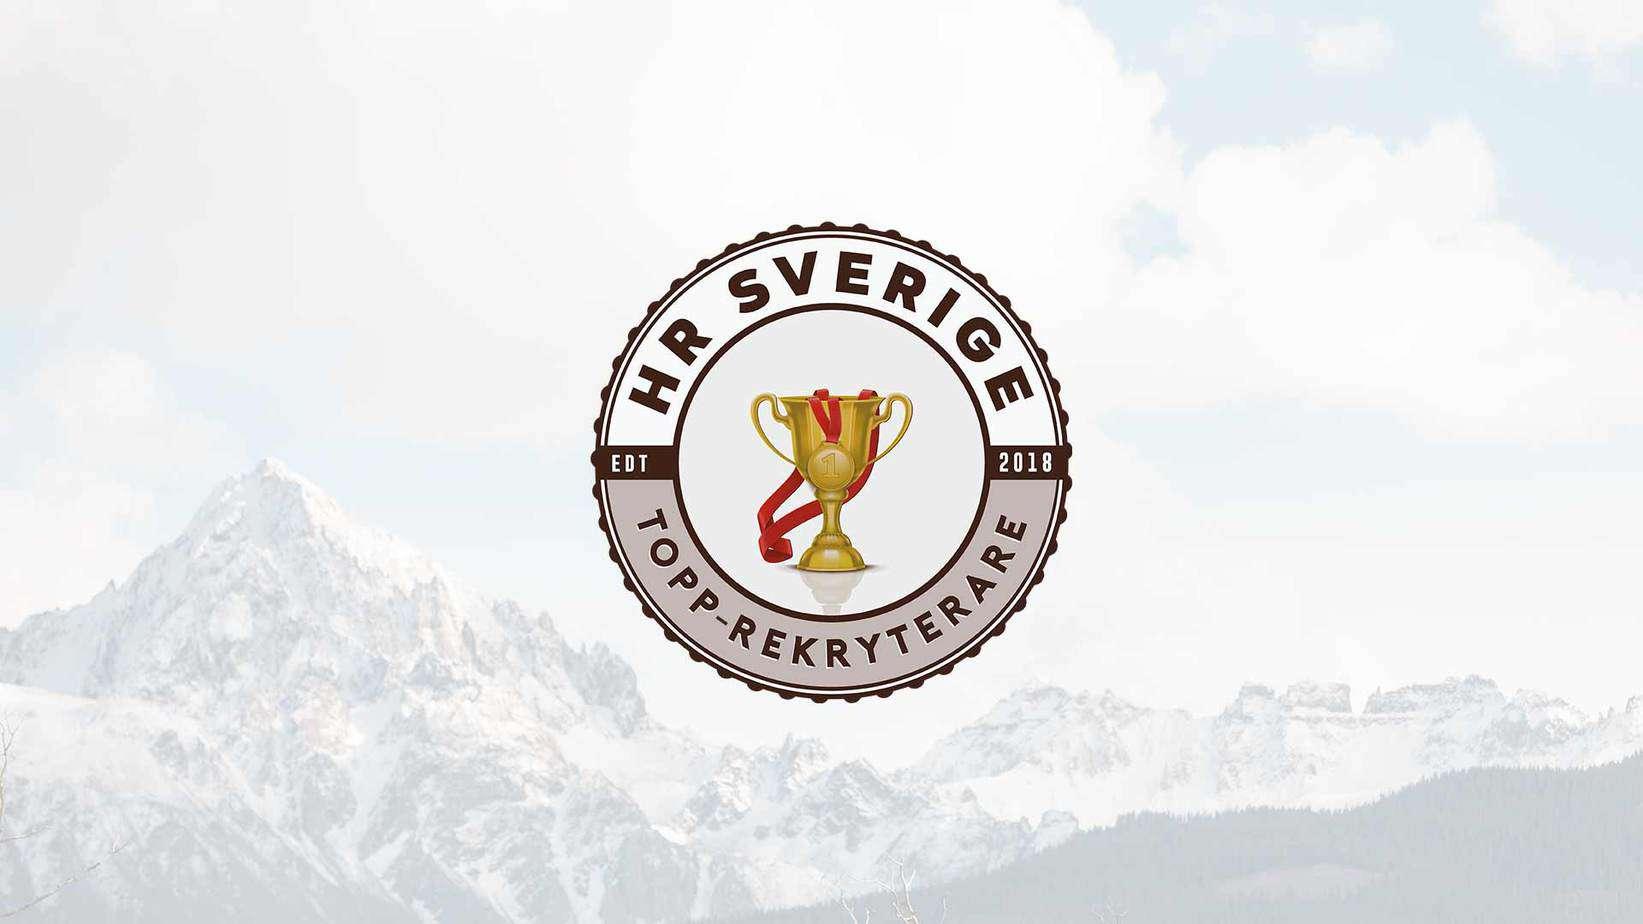 Sveriges 50 bästa rekryterare – 2018